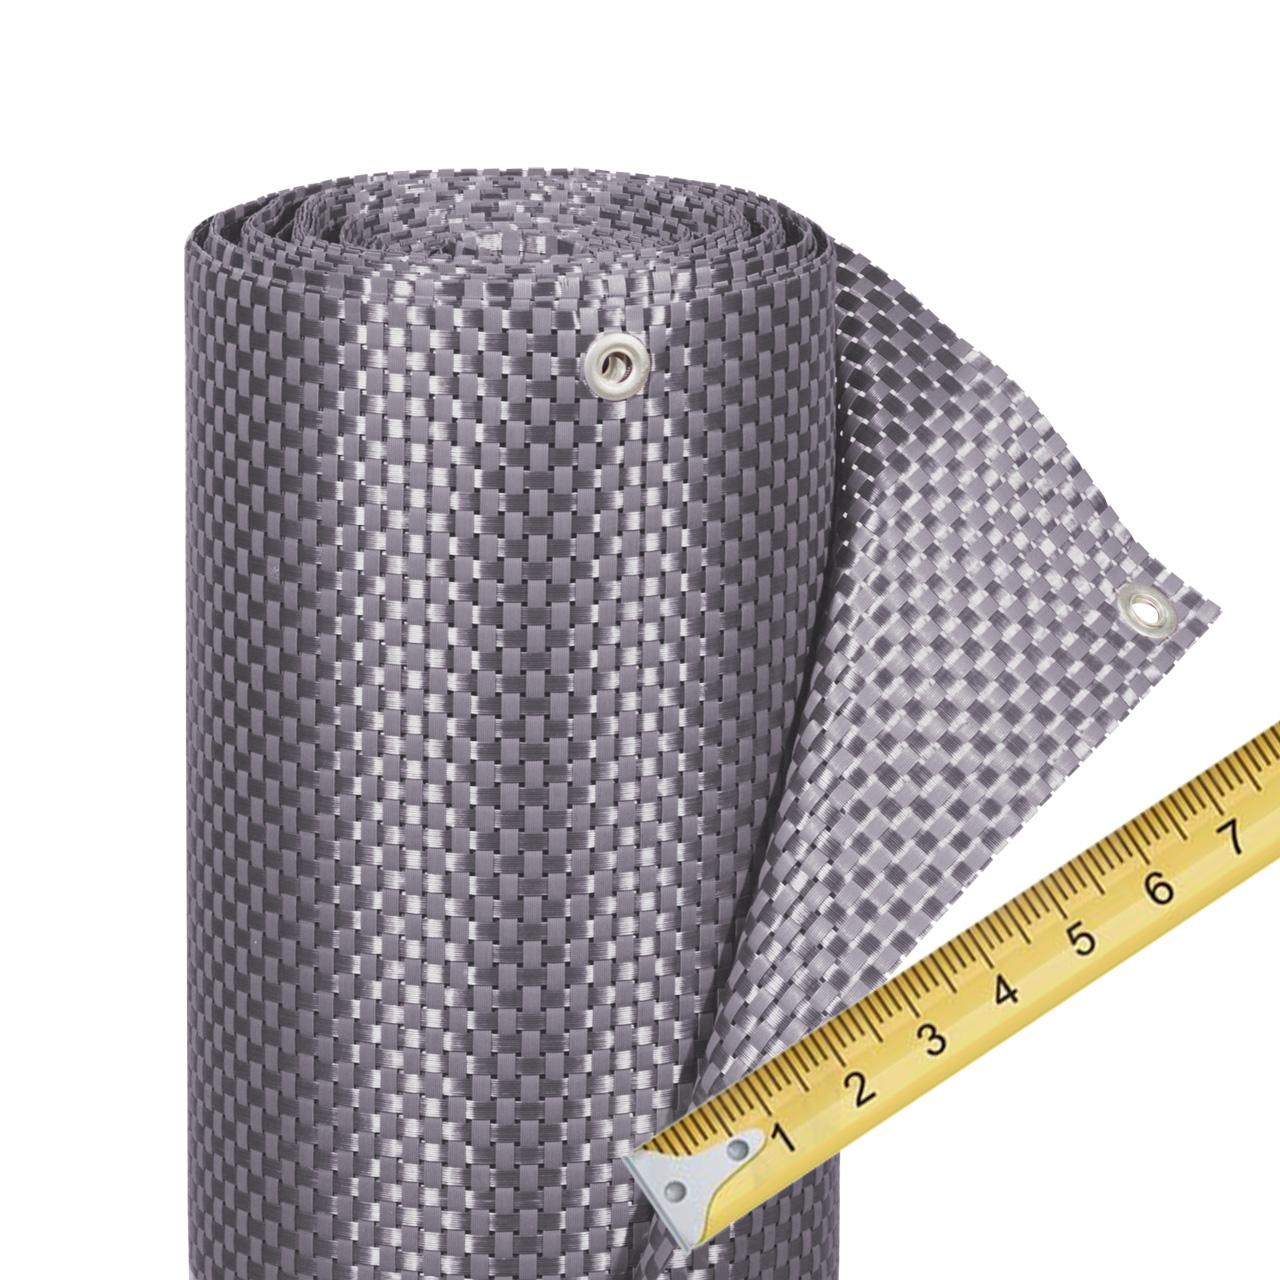 balkonverkleidung kunststoffgeflecht meterware silber anthrazit sichtschutz welt de